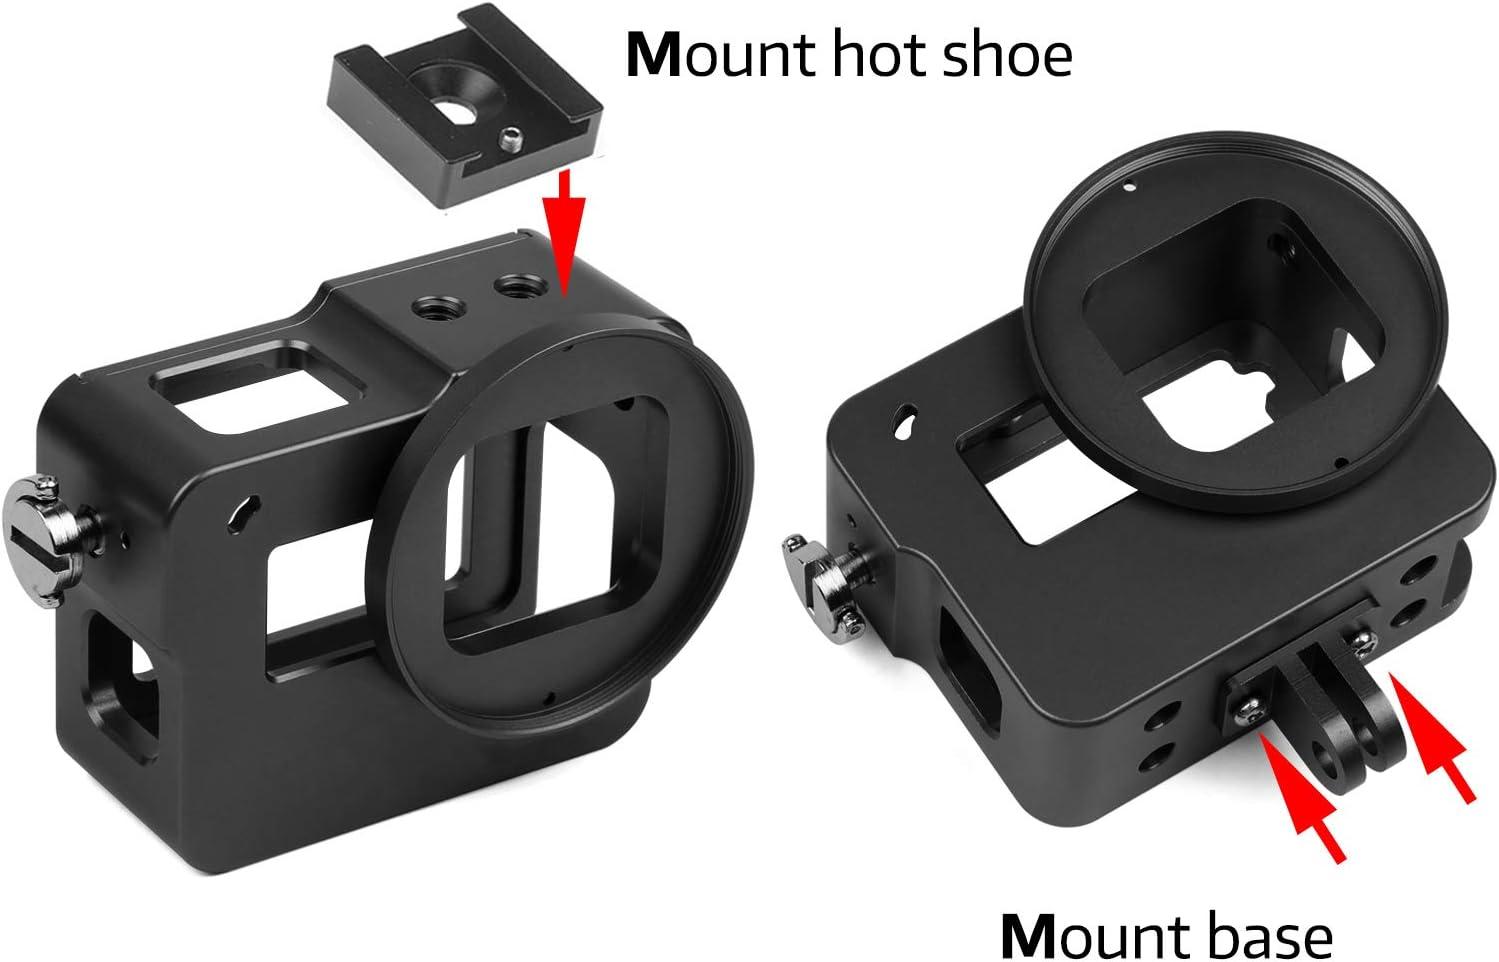 Filtre UV 52mm SHOOT Alliage daluminium M/étal Squelette Coque de protection Bo/îtier Bo/îtier Coque avec porte arri/ère noir Chaussure chaude pour Gopro Hero 5 Action cam/éra